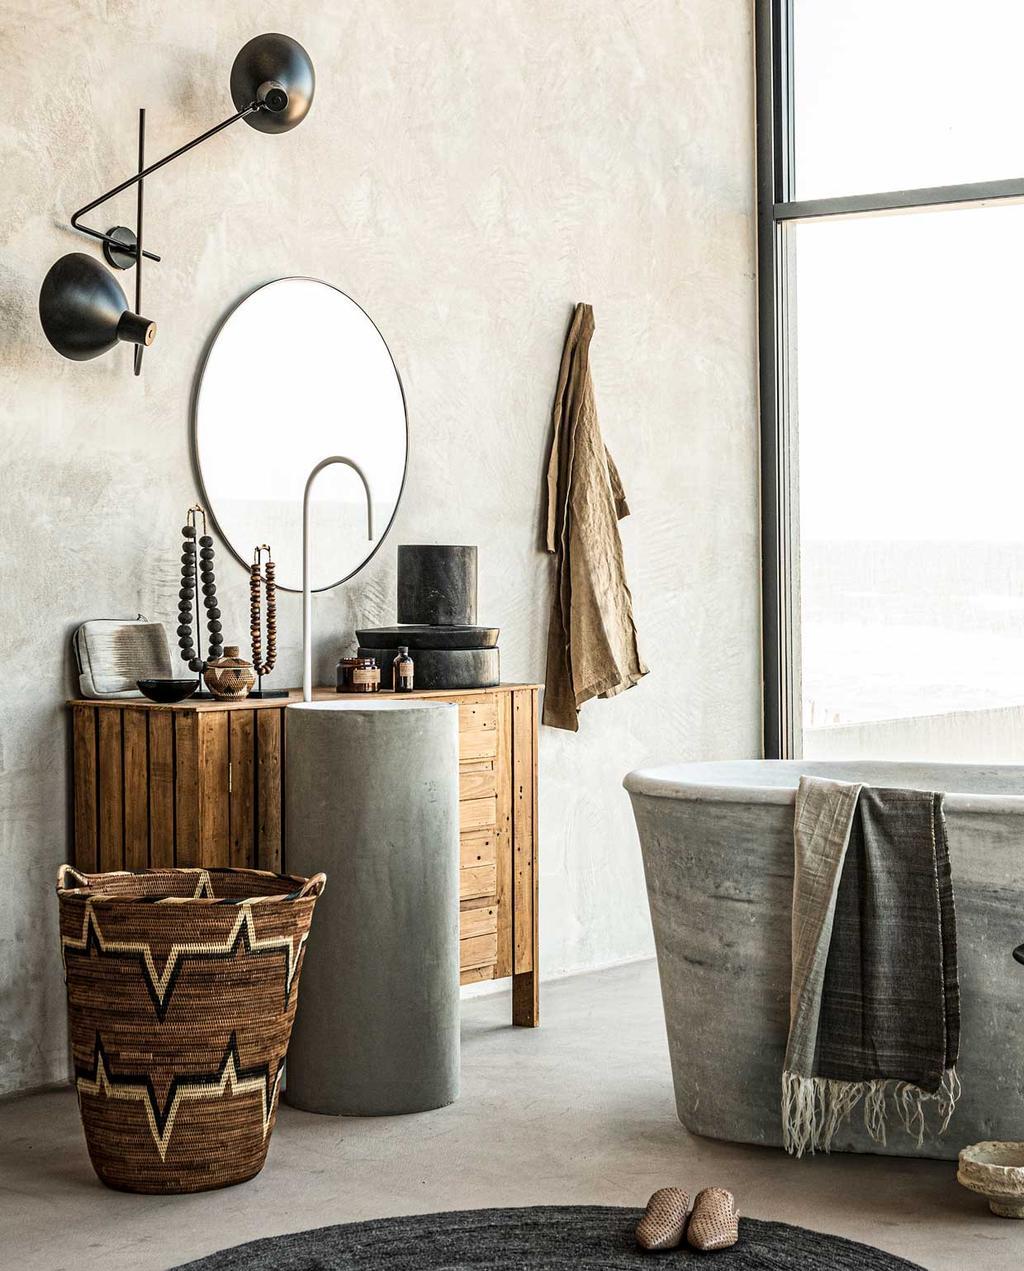 vtwonen badkamer | leuke wasmanden | bad | ronde spiegel | betonstuc